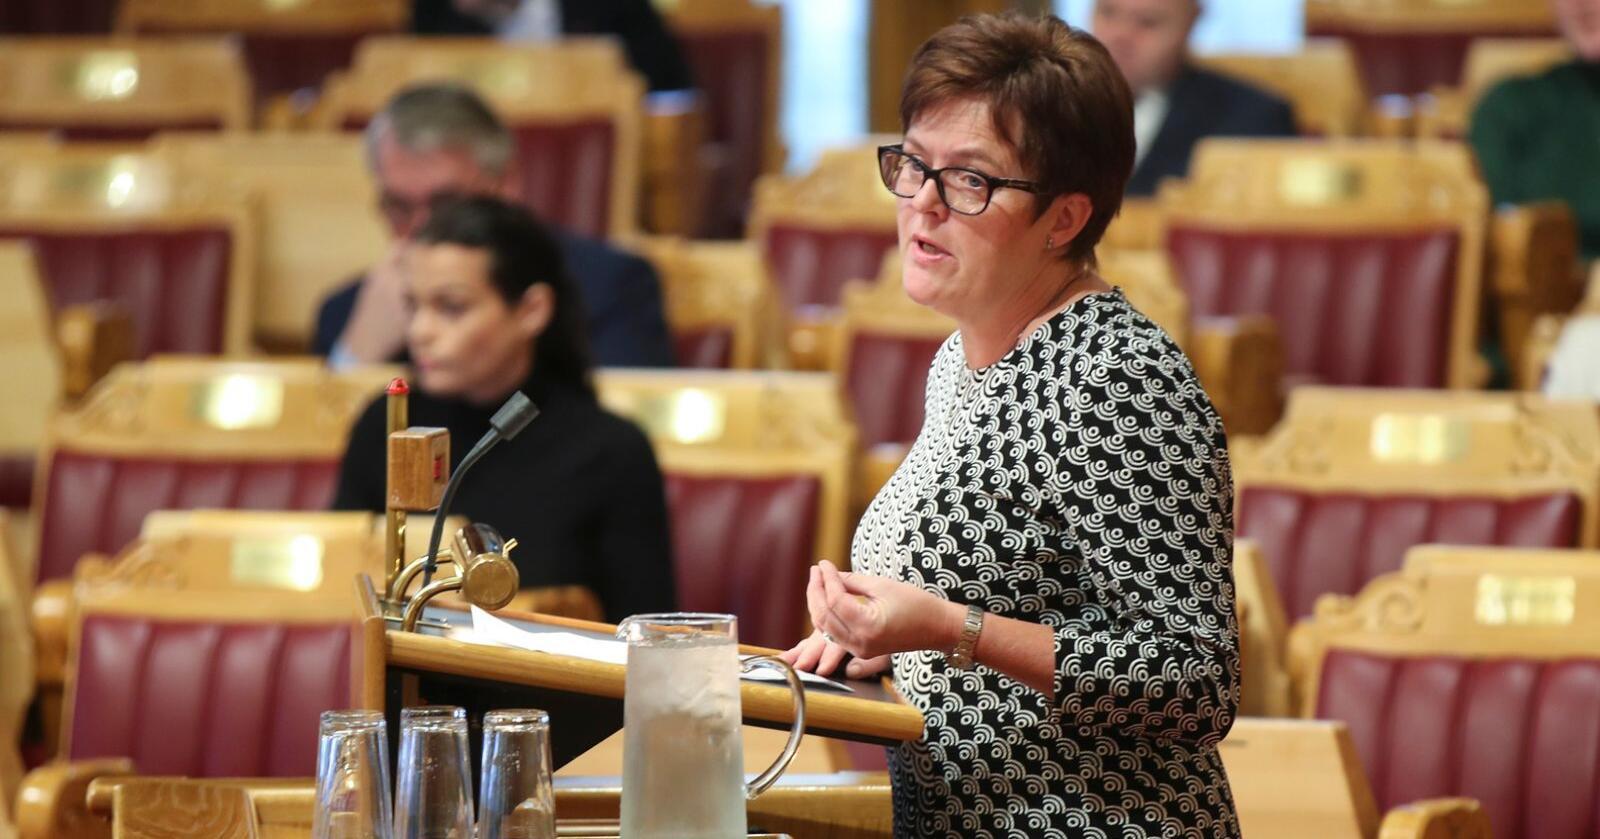 Hele åtte lokallag i Senterpartiet i Sør-Trøndelag vil ha Heidi Greni (Sp) som listetopp før stortingsvalget neste år. Ni lokallag vil ha Sp-nestleder Ola Borten Moe på topp. Arkivfoto: Vidar Ruud/NTB